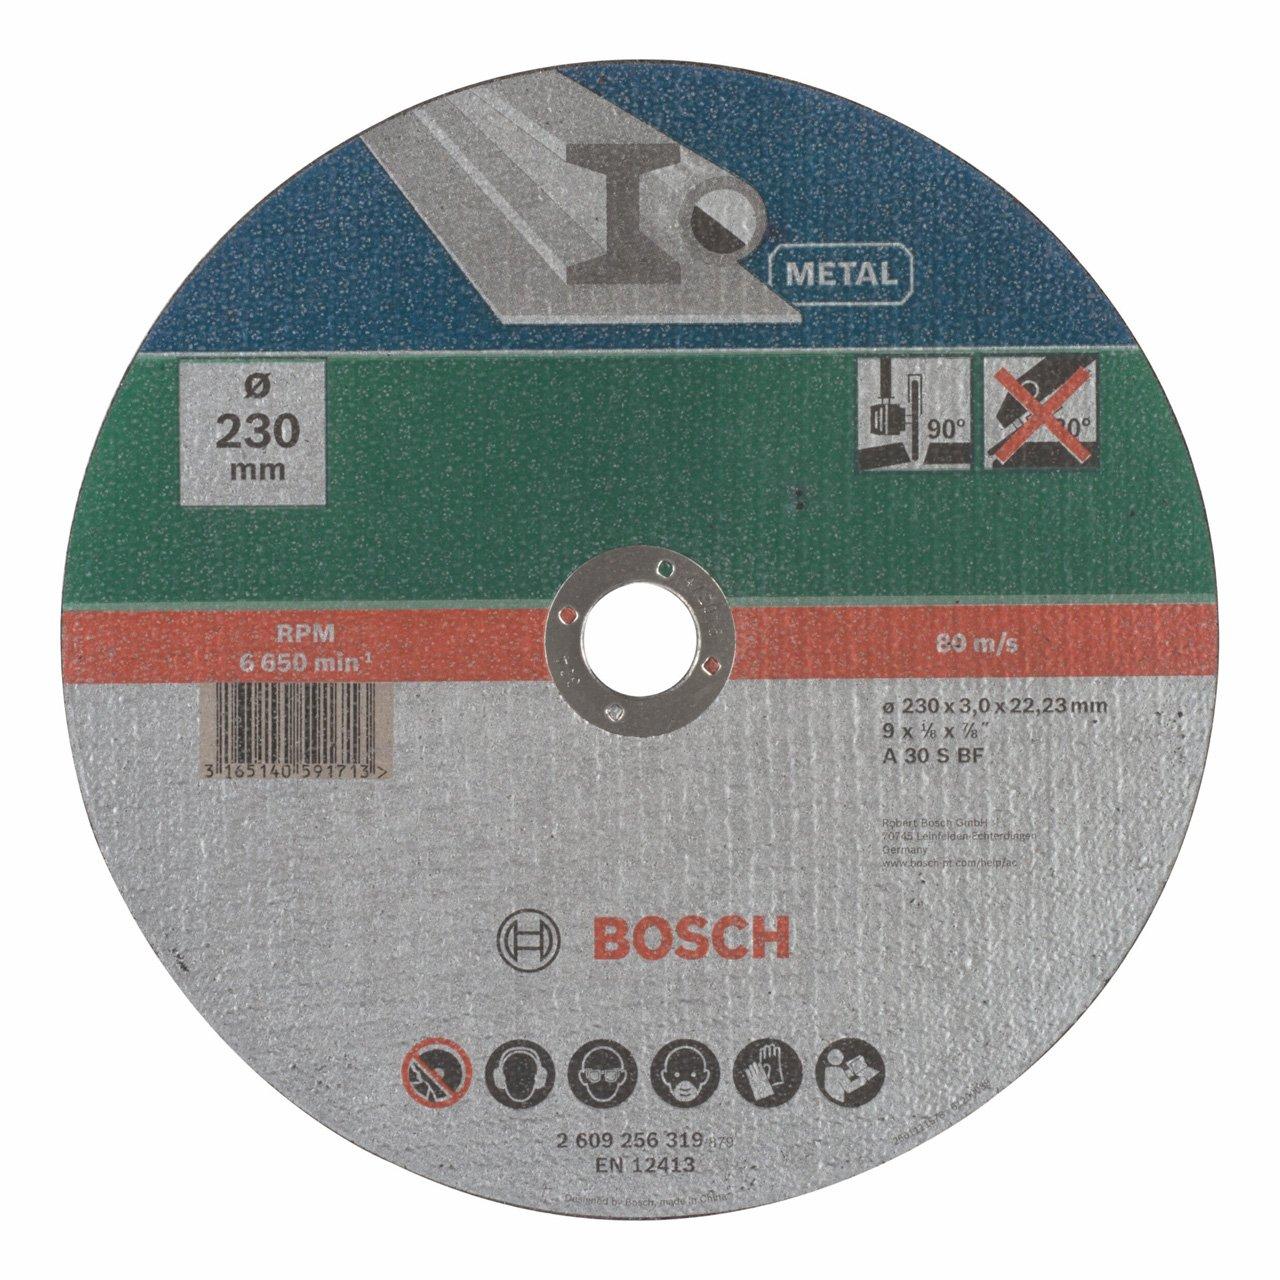 Metallo 115 x 22.23 x 1.6 mm Bosch Mola Taglio Dritta